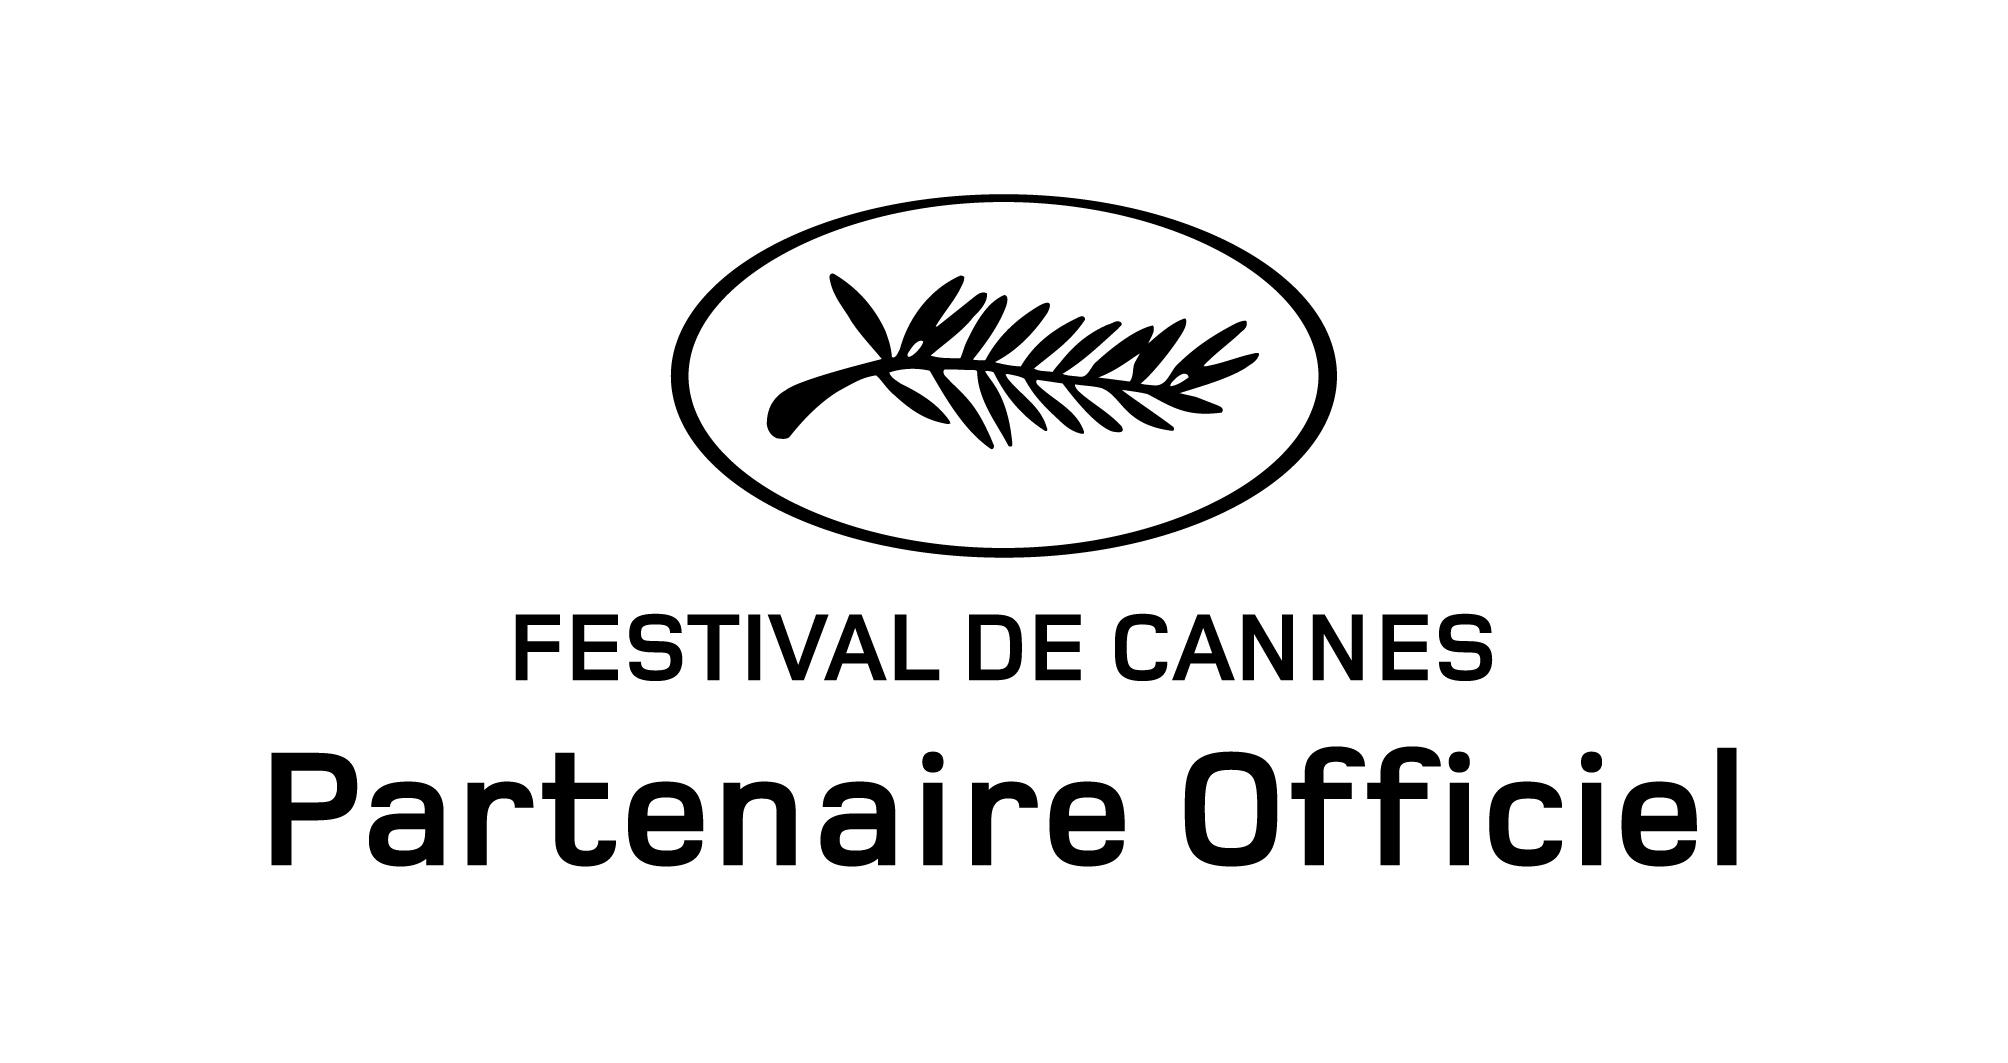 DESSANGE, Coiffeur Officiel du Festival de Cannes depuis plus de 35 ans !